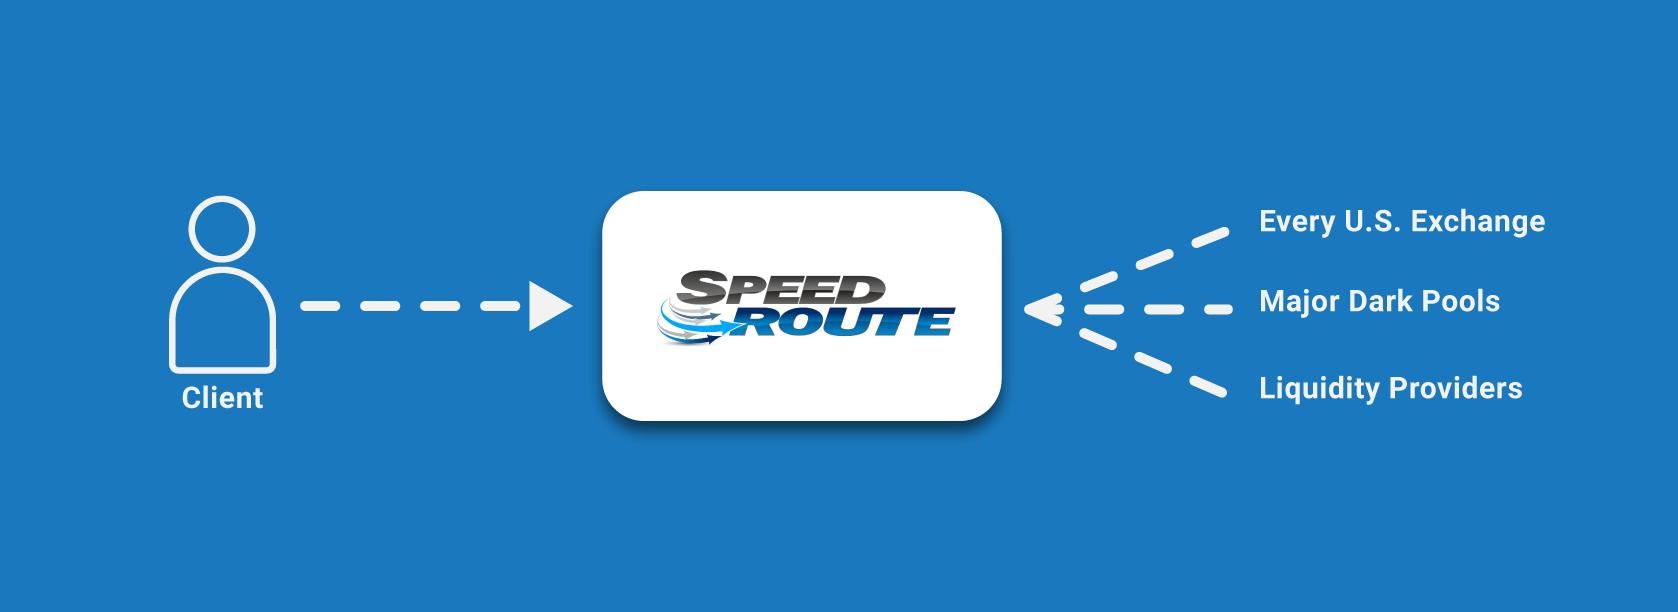 speedroute_client-flow.png